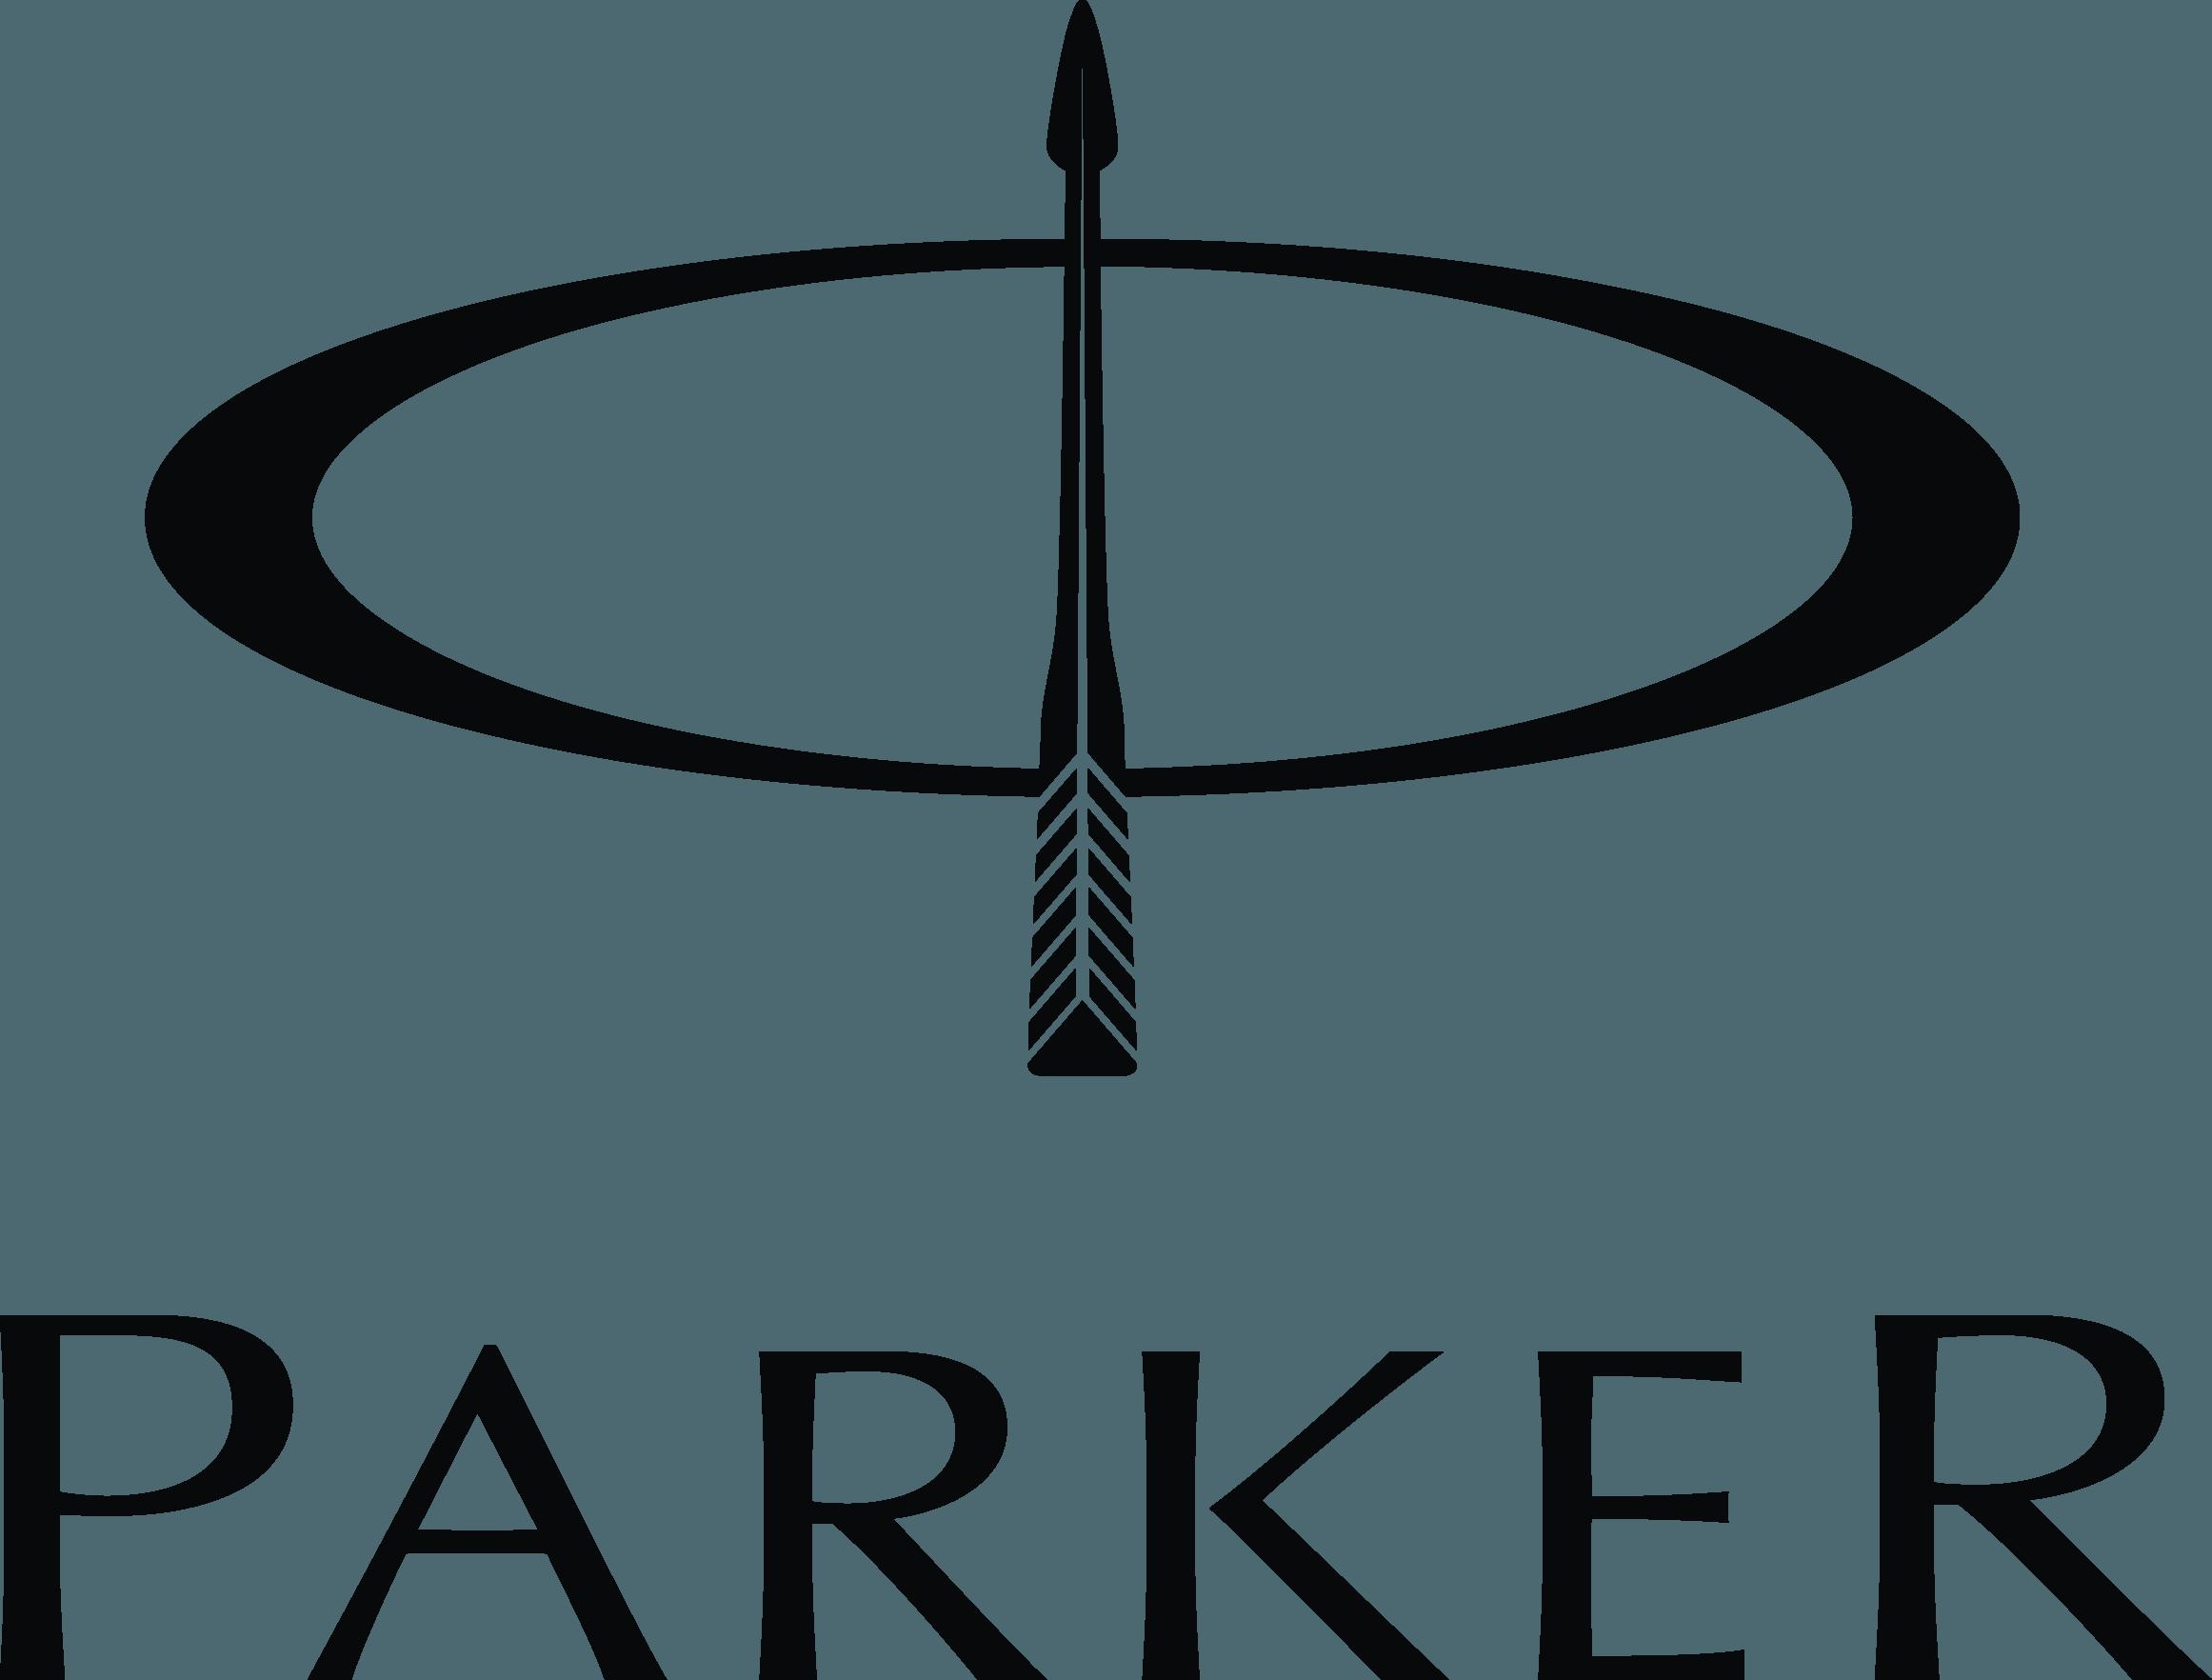 Parker Logo (Pen)